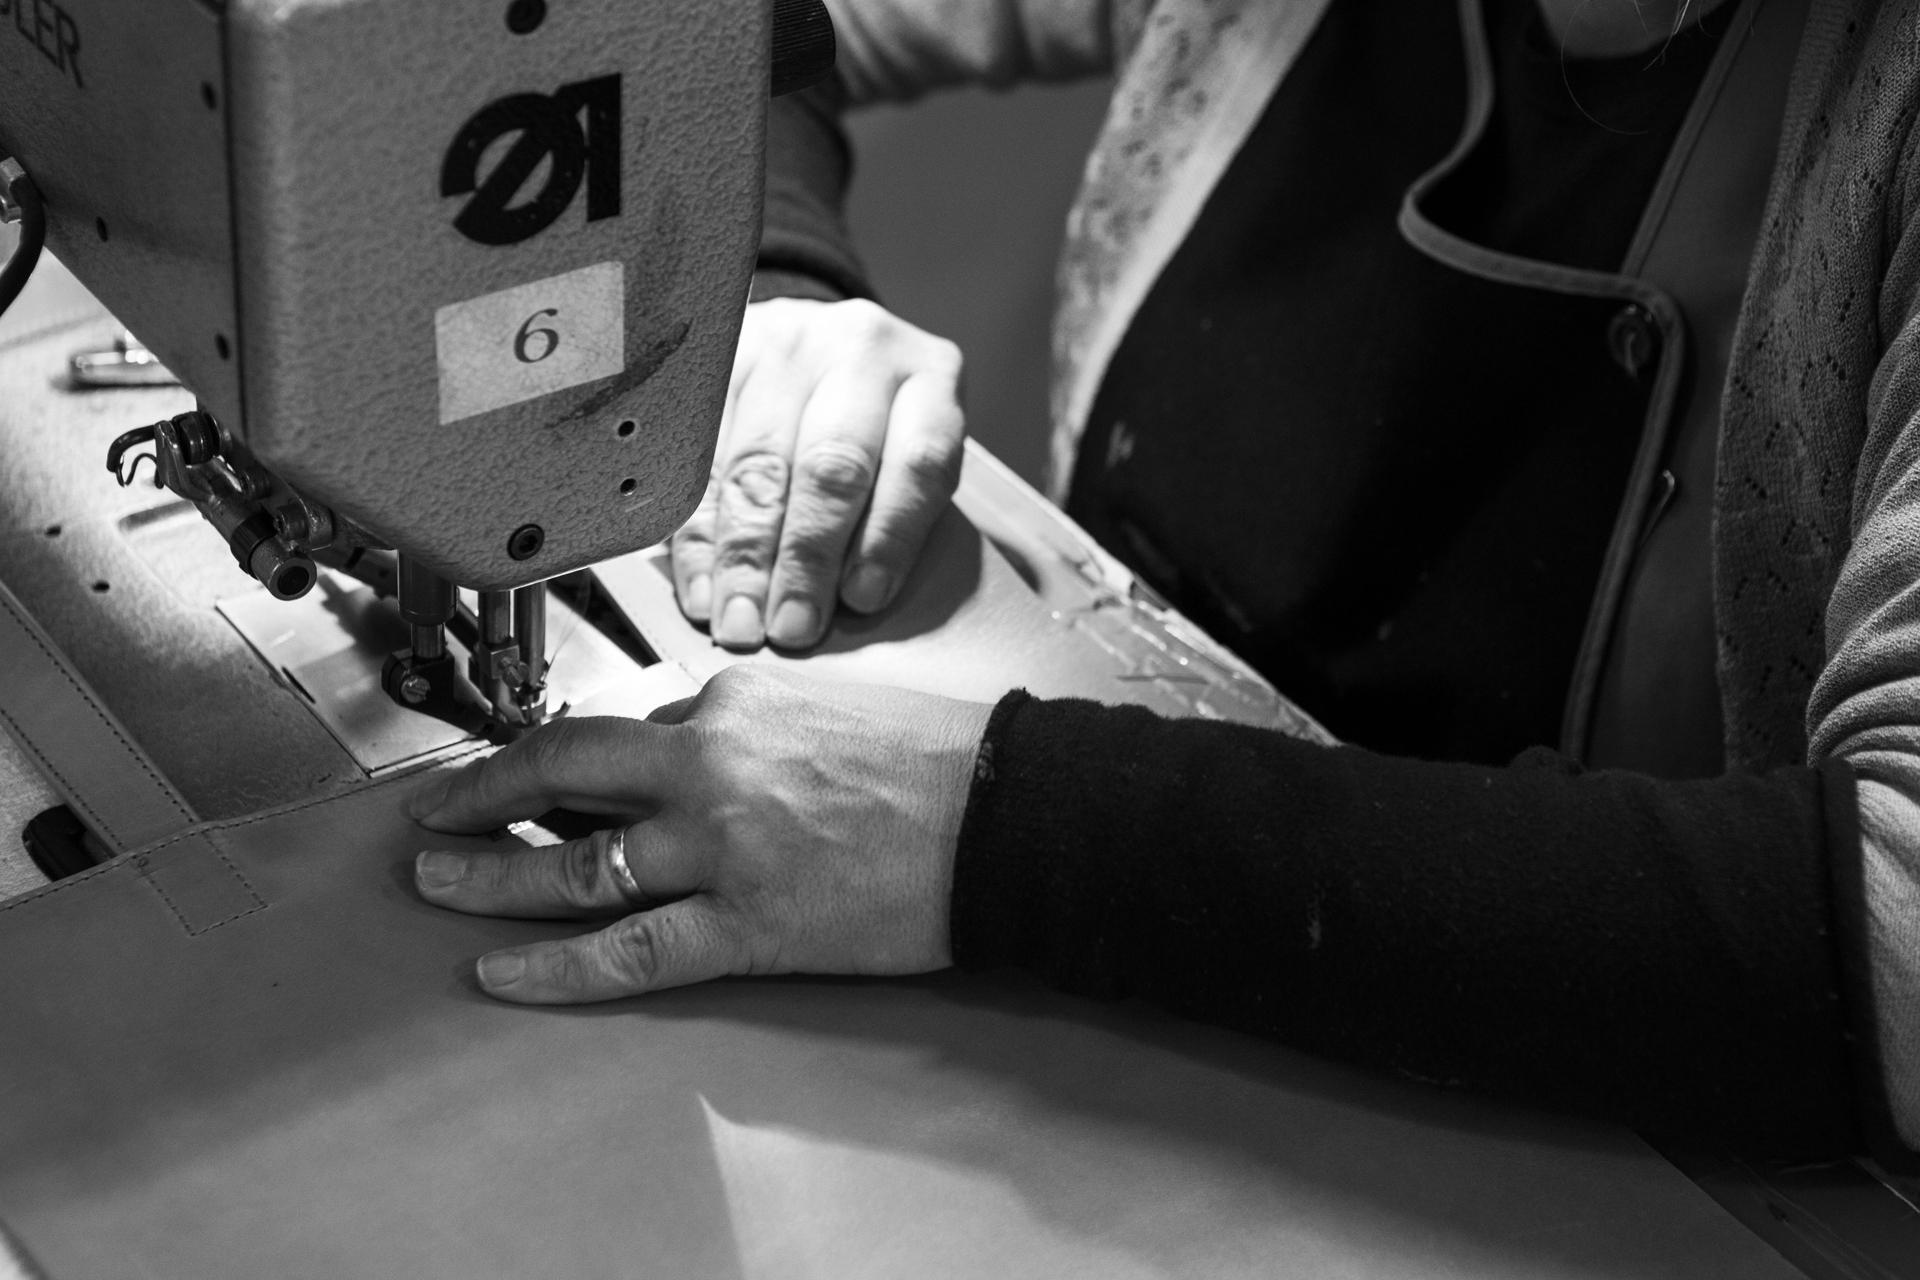 Unser Leder wird von Feintäschnermeistern von Hand zugeschnitten und vernäht.